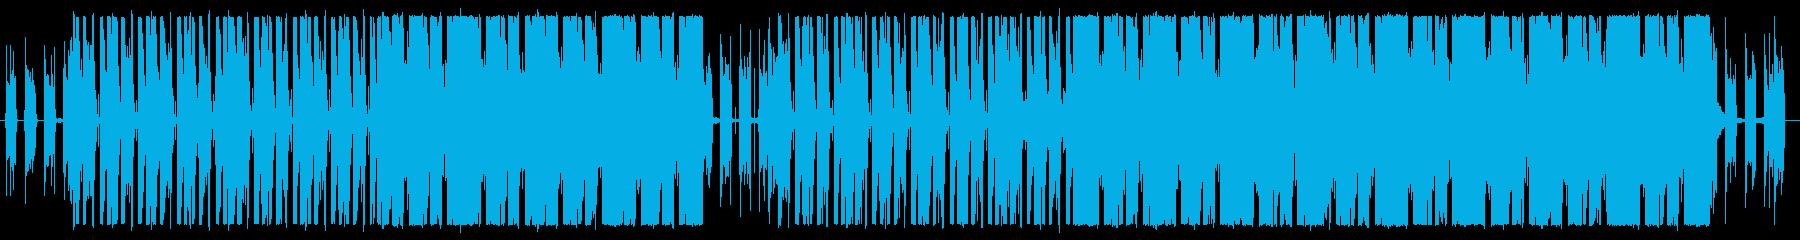 ポップロック研究所ジャングリバウン...の再生済みの波形